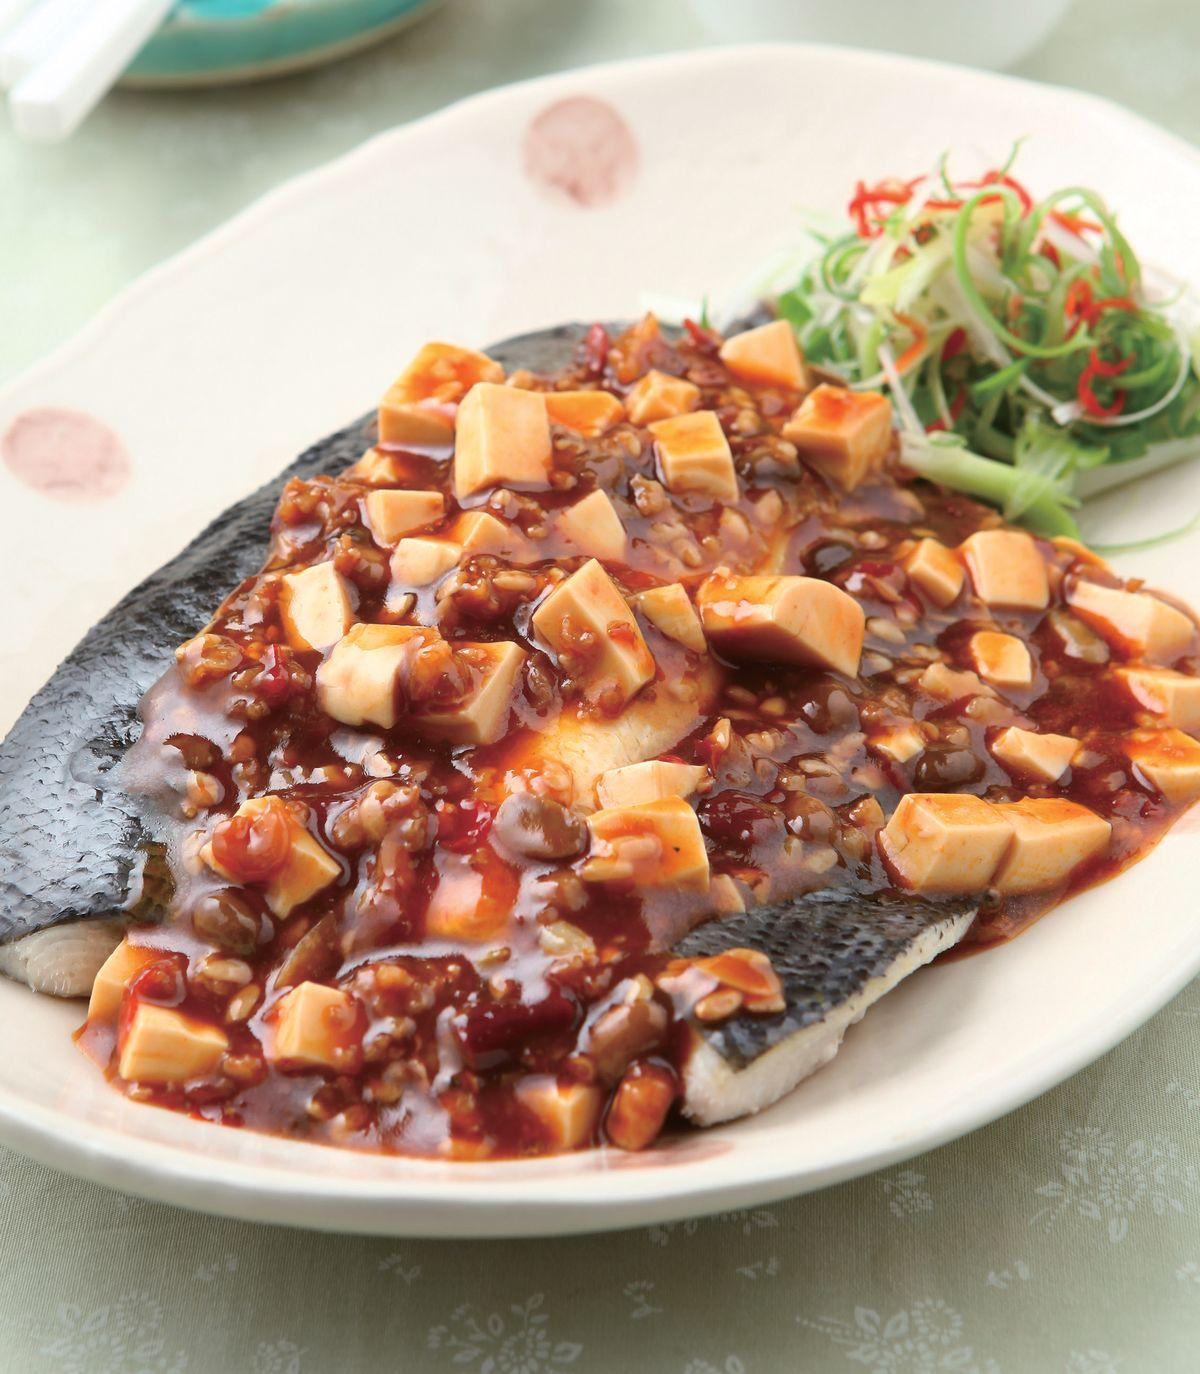 食譜:豆瓣鮮魚